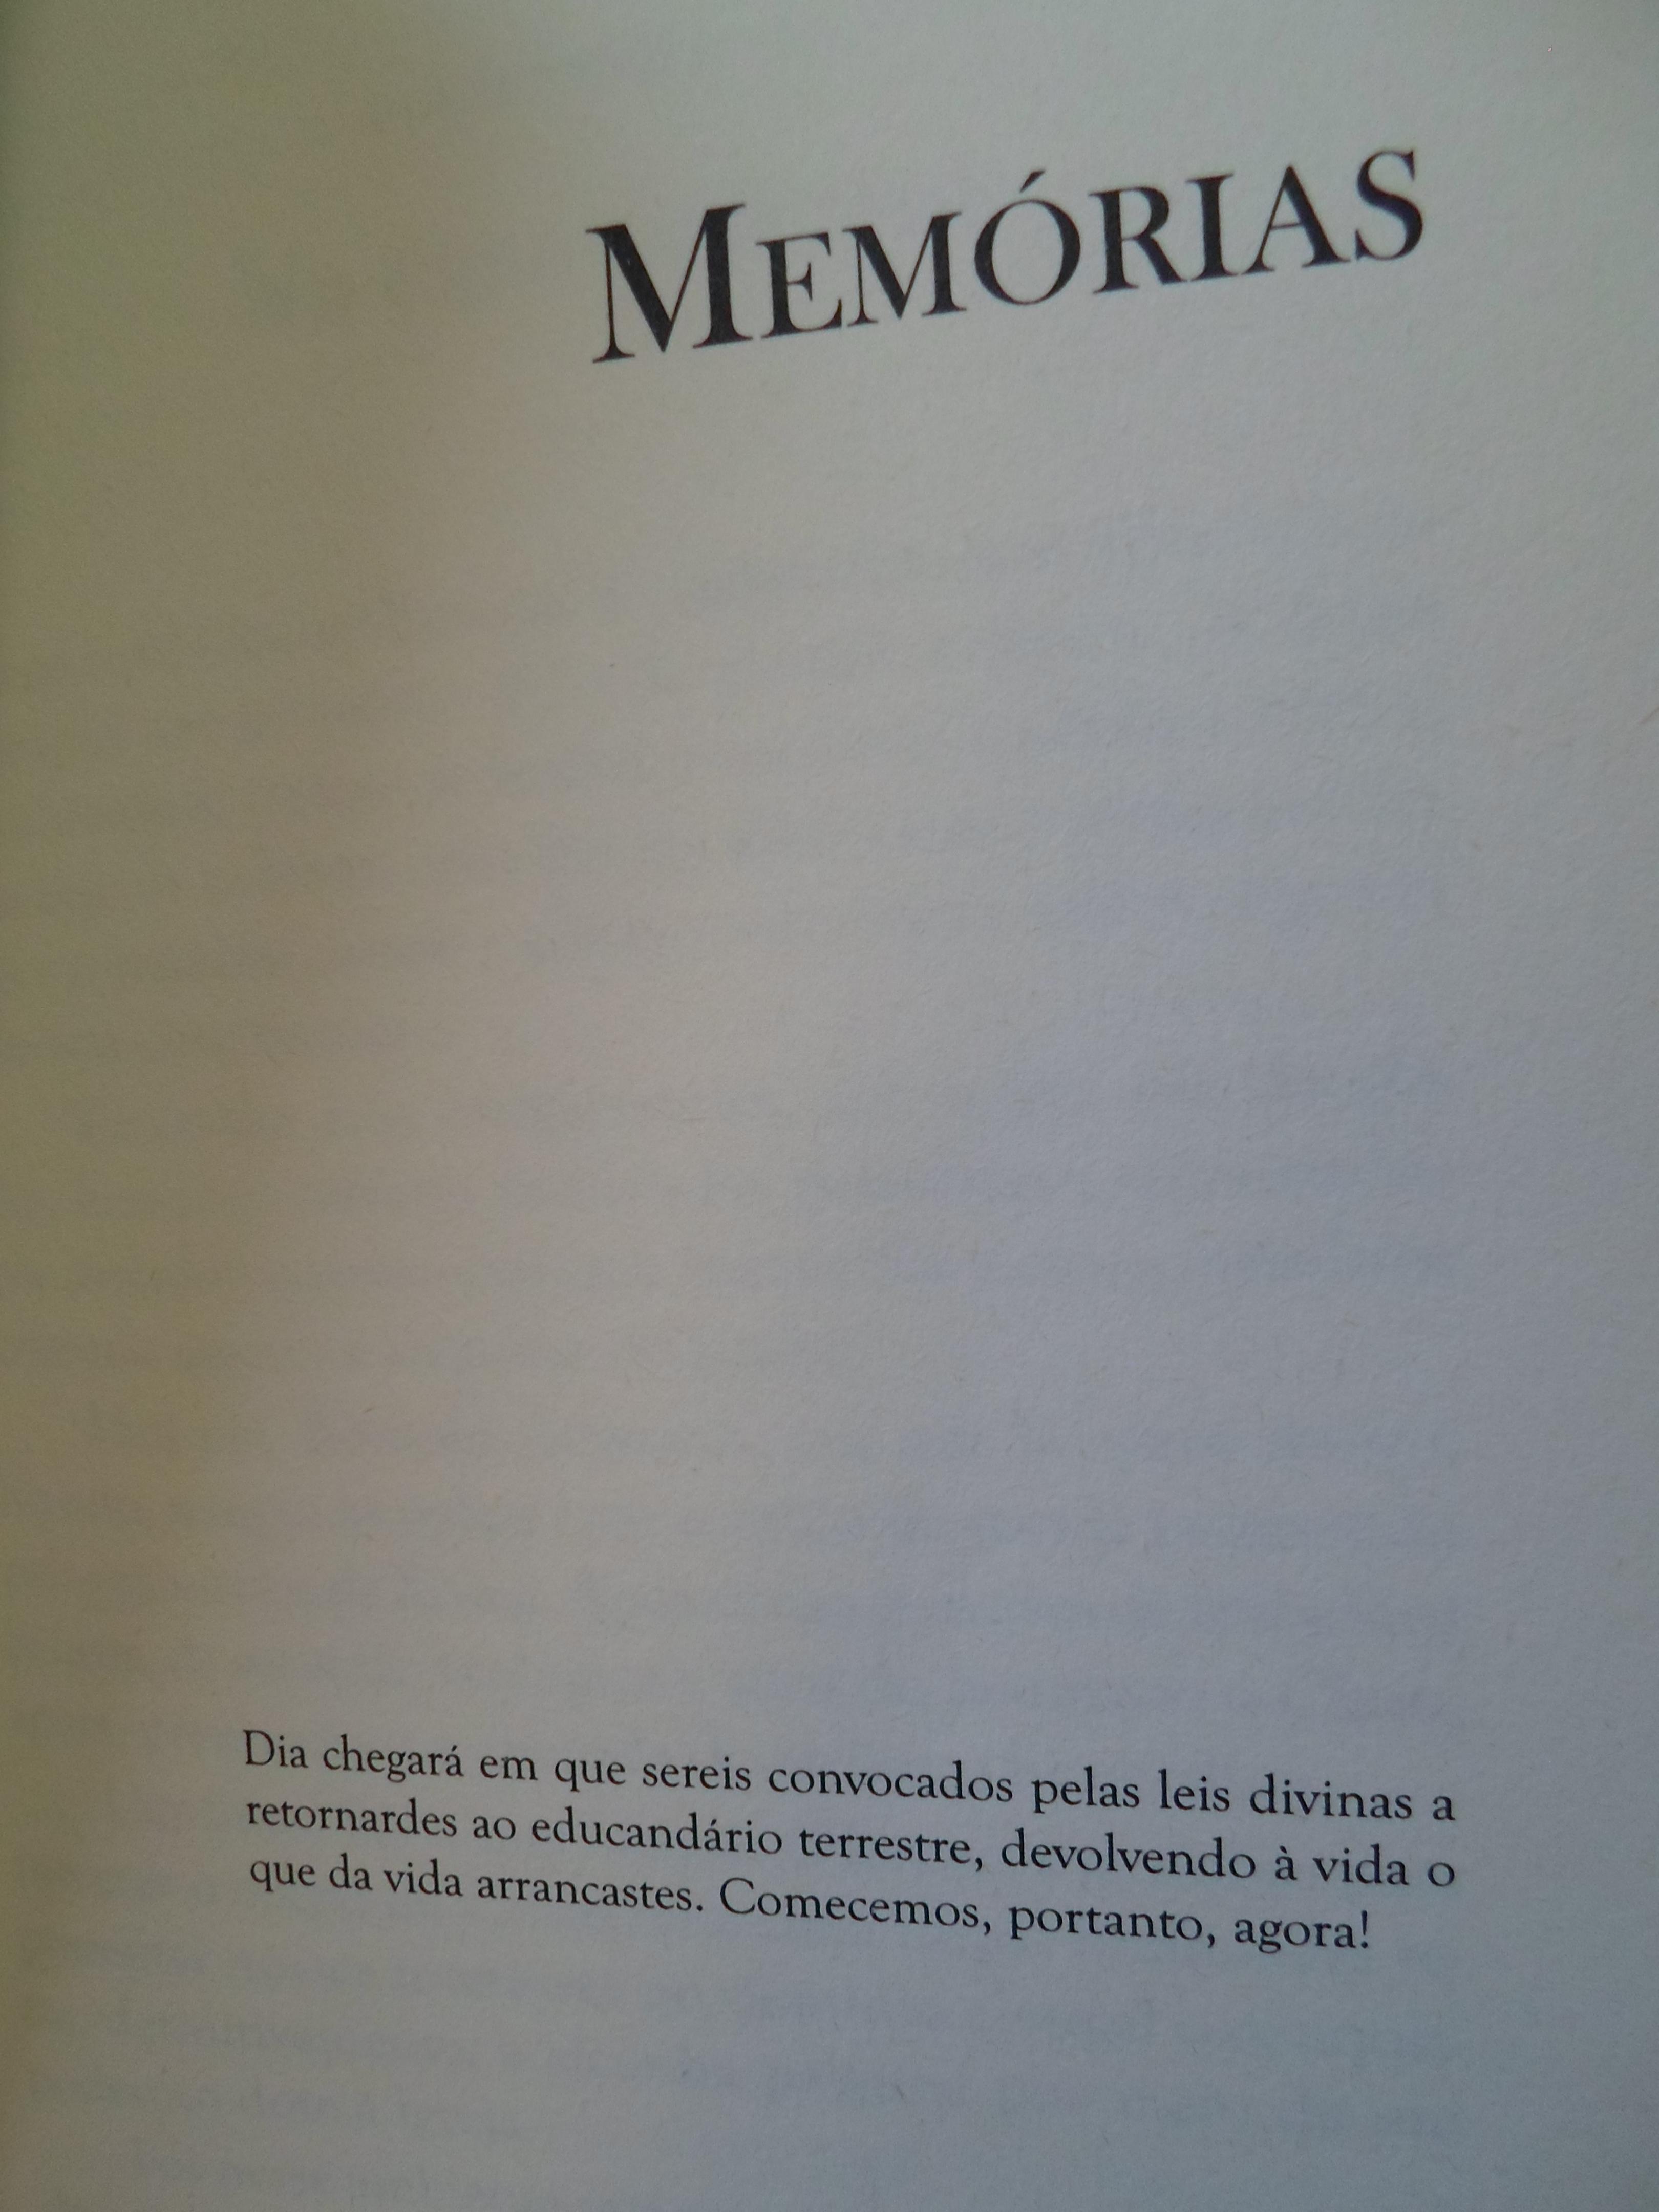 Memorias11